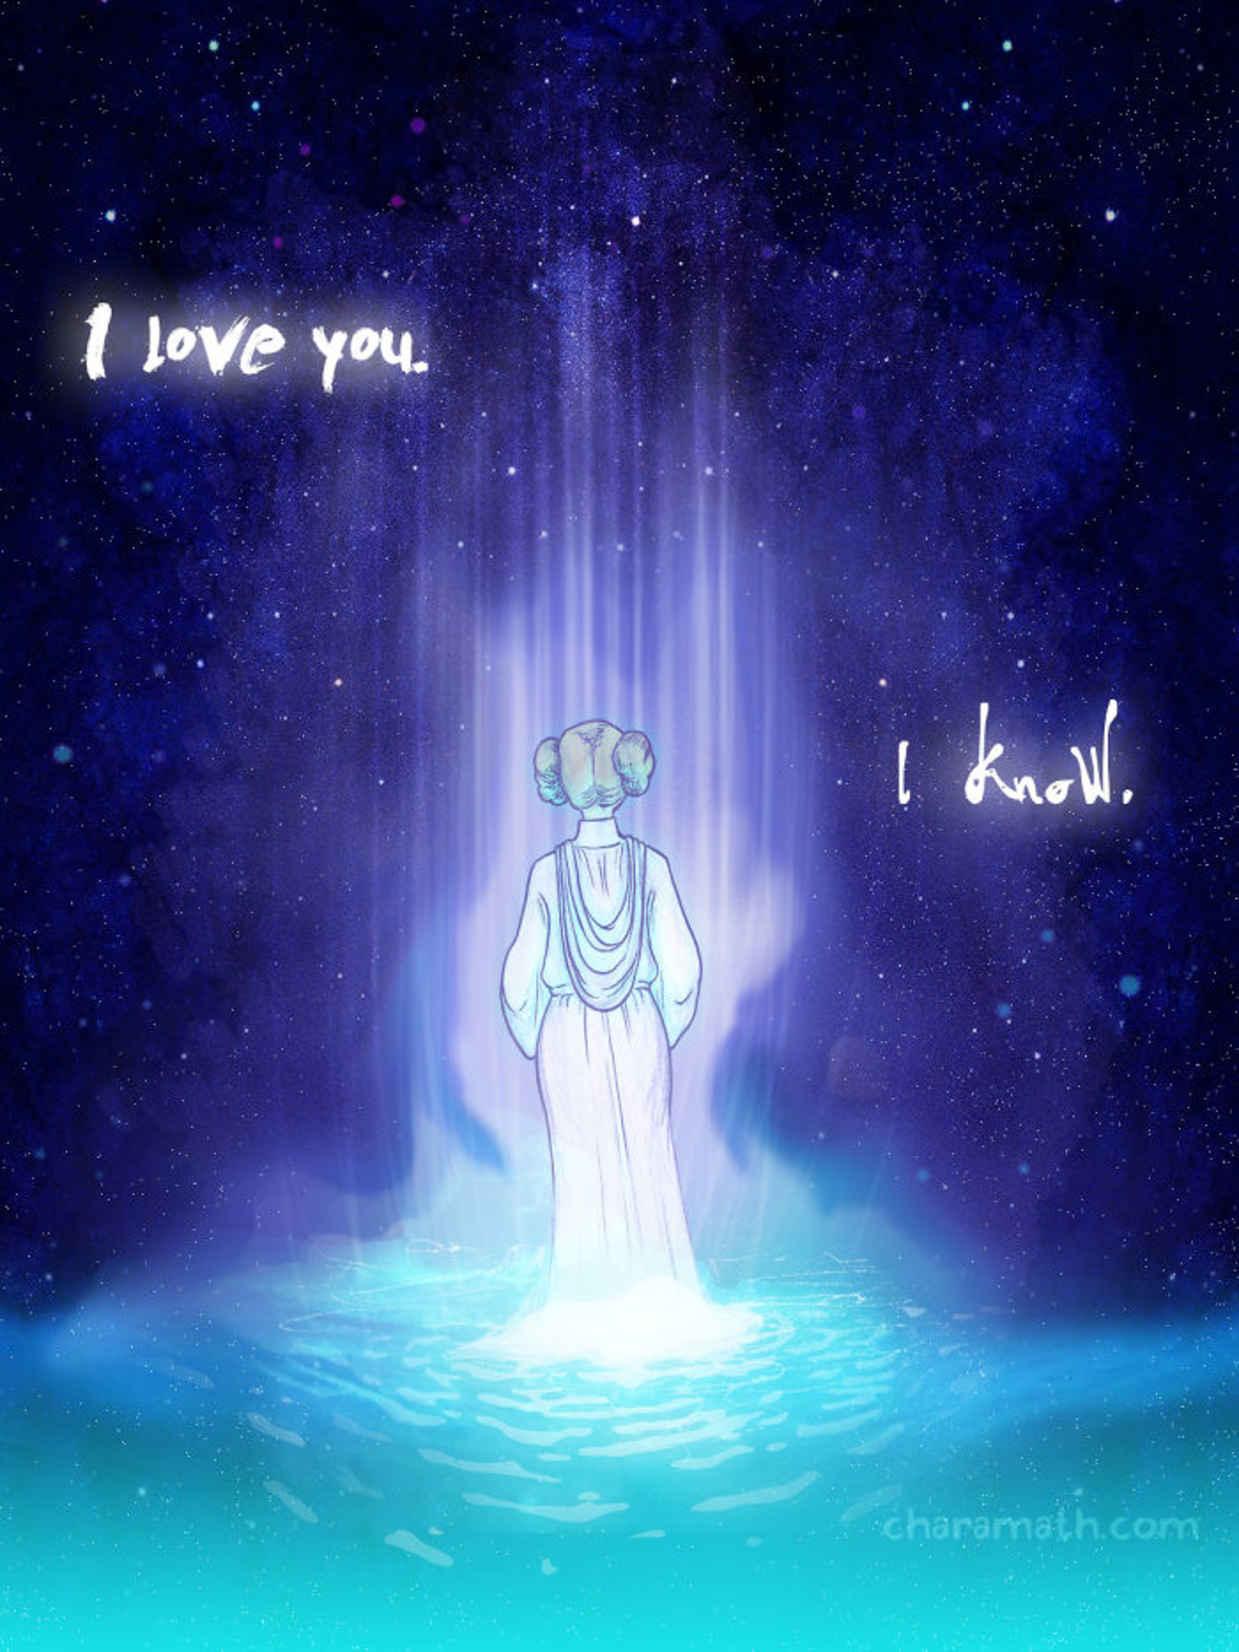 Les hommages en illustrations de Carry Fisher ou Princesse Leia dans StarWars 3